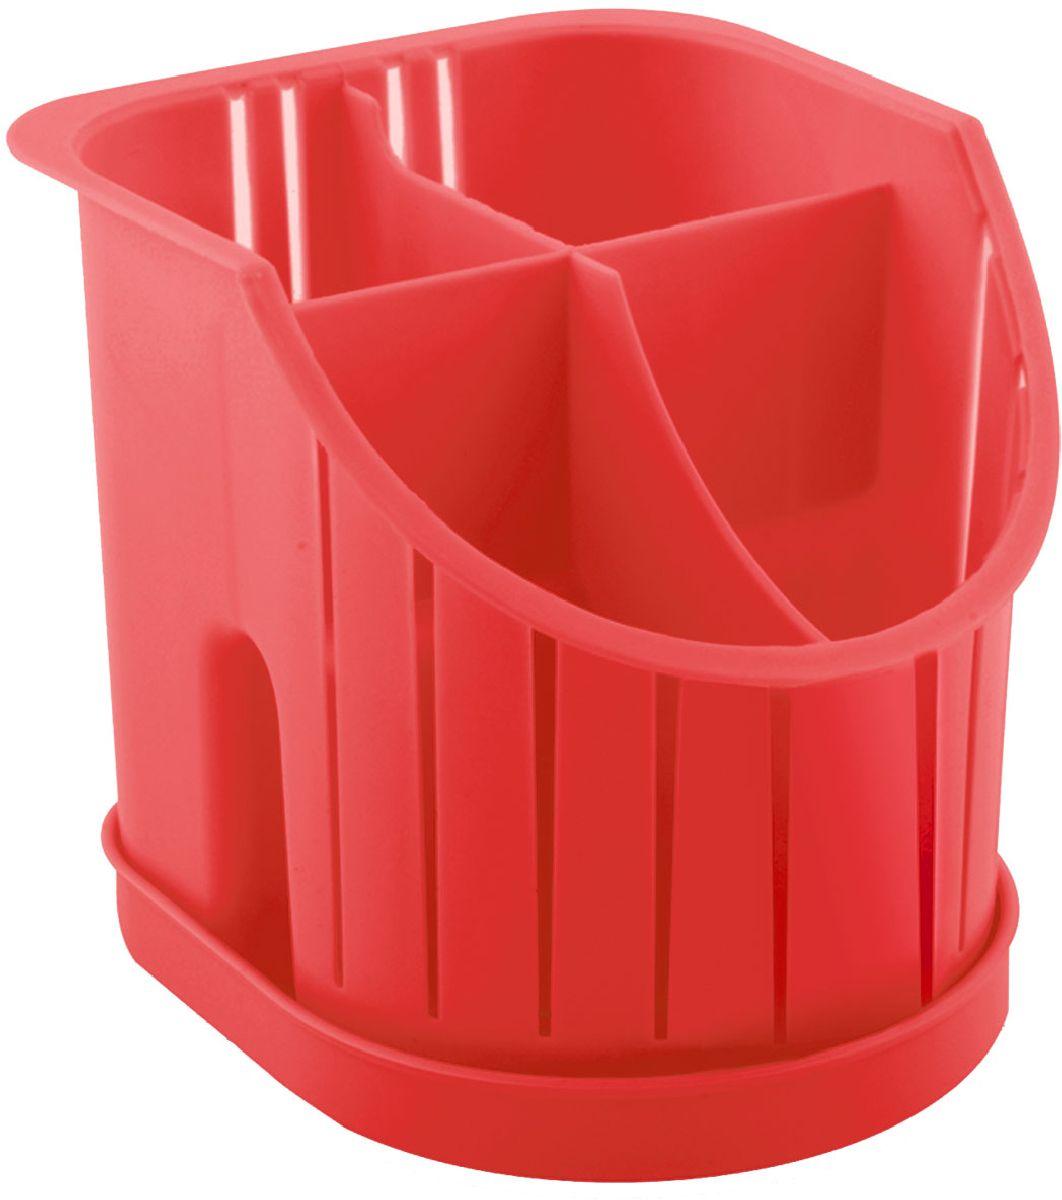 Сушилка для столовых приборов Plastic Centre, 4-секционная, цвет: красный, 16 х 14,2 х 12,8 смПЦ1550КРСушилка для столовых приборов пригодится на любой кухне. Четыре секции позволят сушить или хранить столовые приборы по отдельности (ножи, вилки, ложки и т.п.). Сушилка снабжена поддоном.Размер сушилки: 16 х 14,2 х 12,8 см.